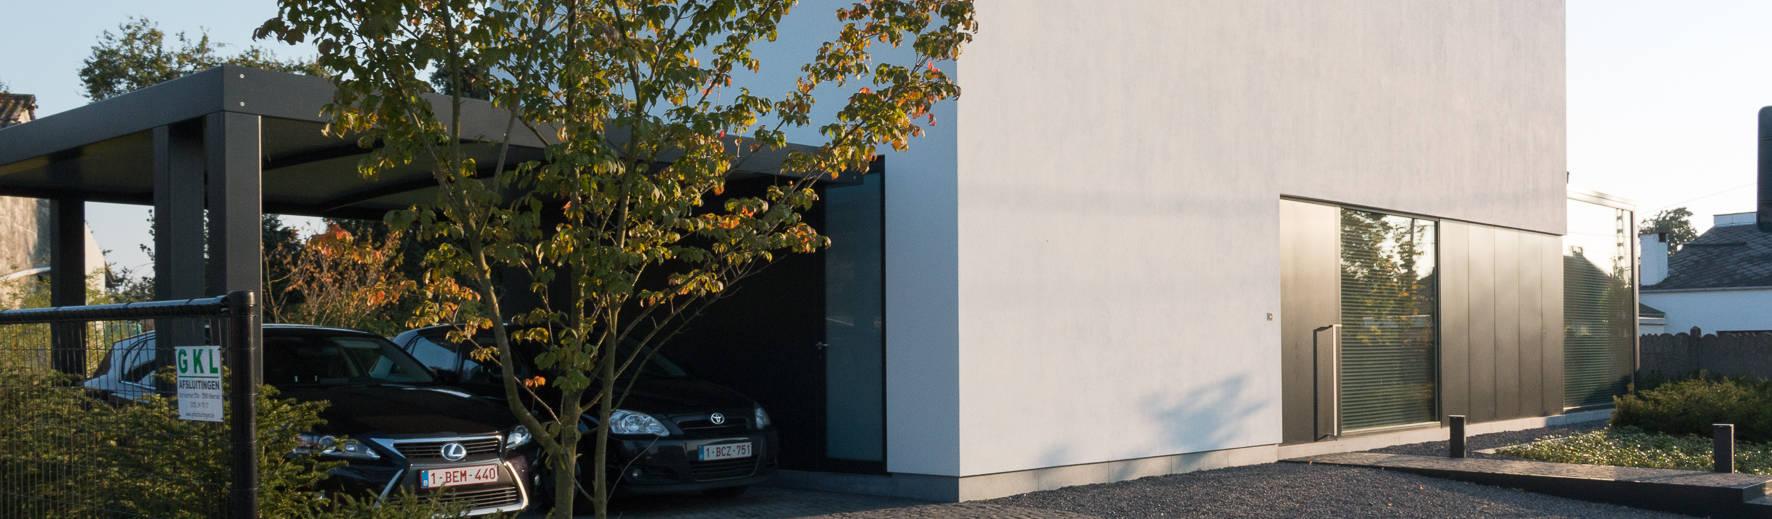 Niko Wauters architecten bvba